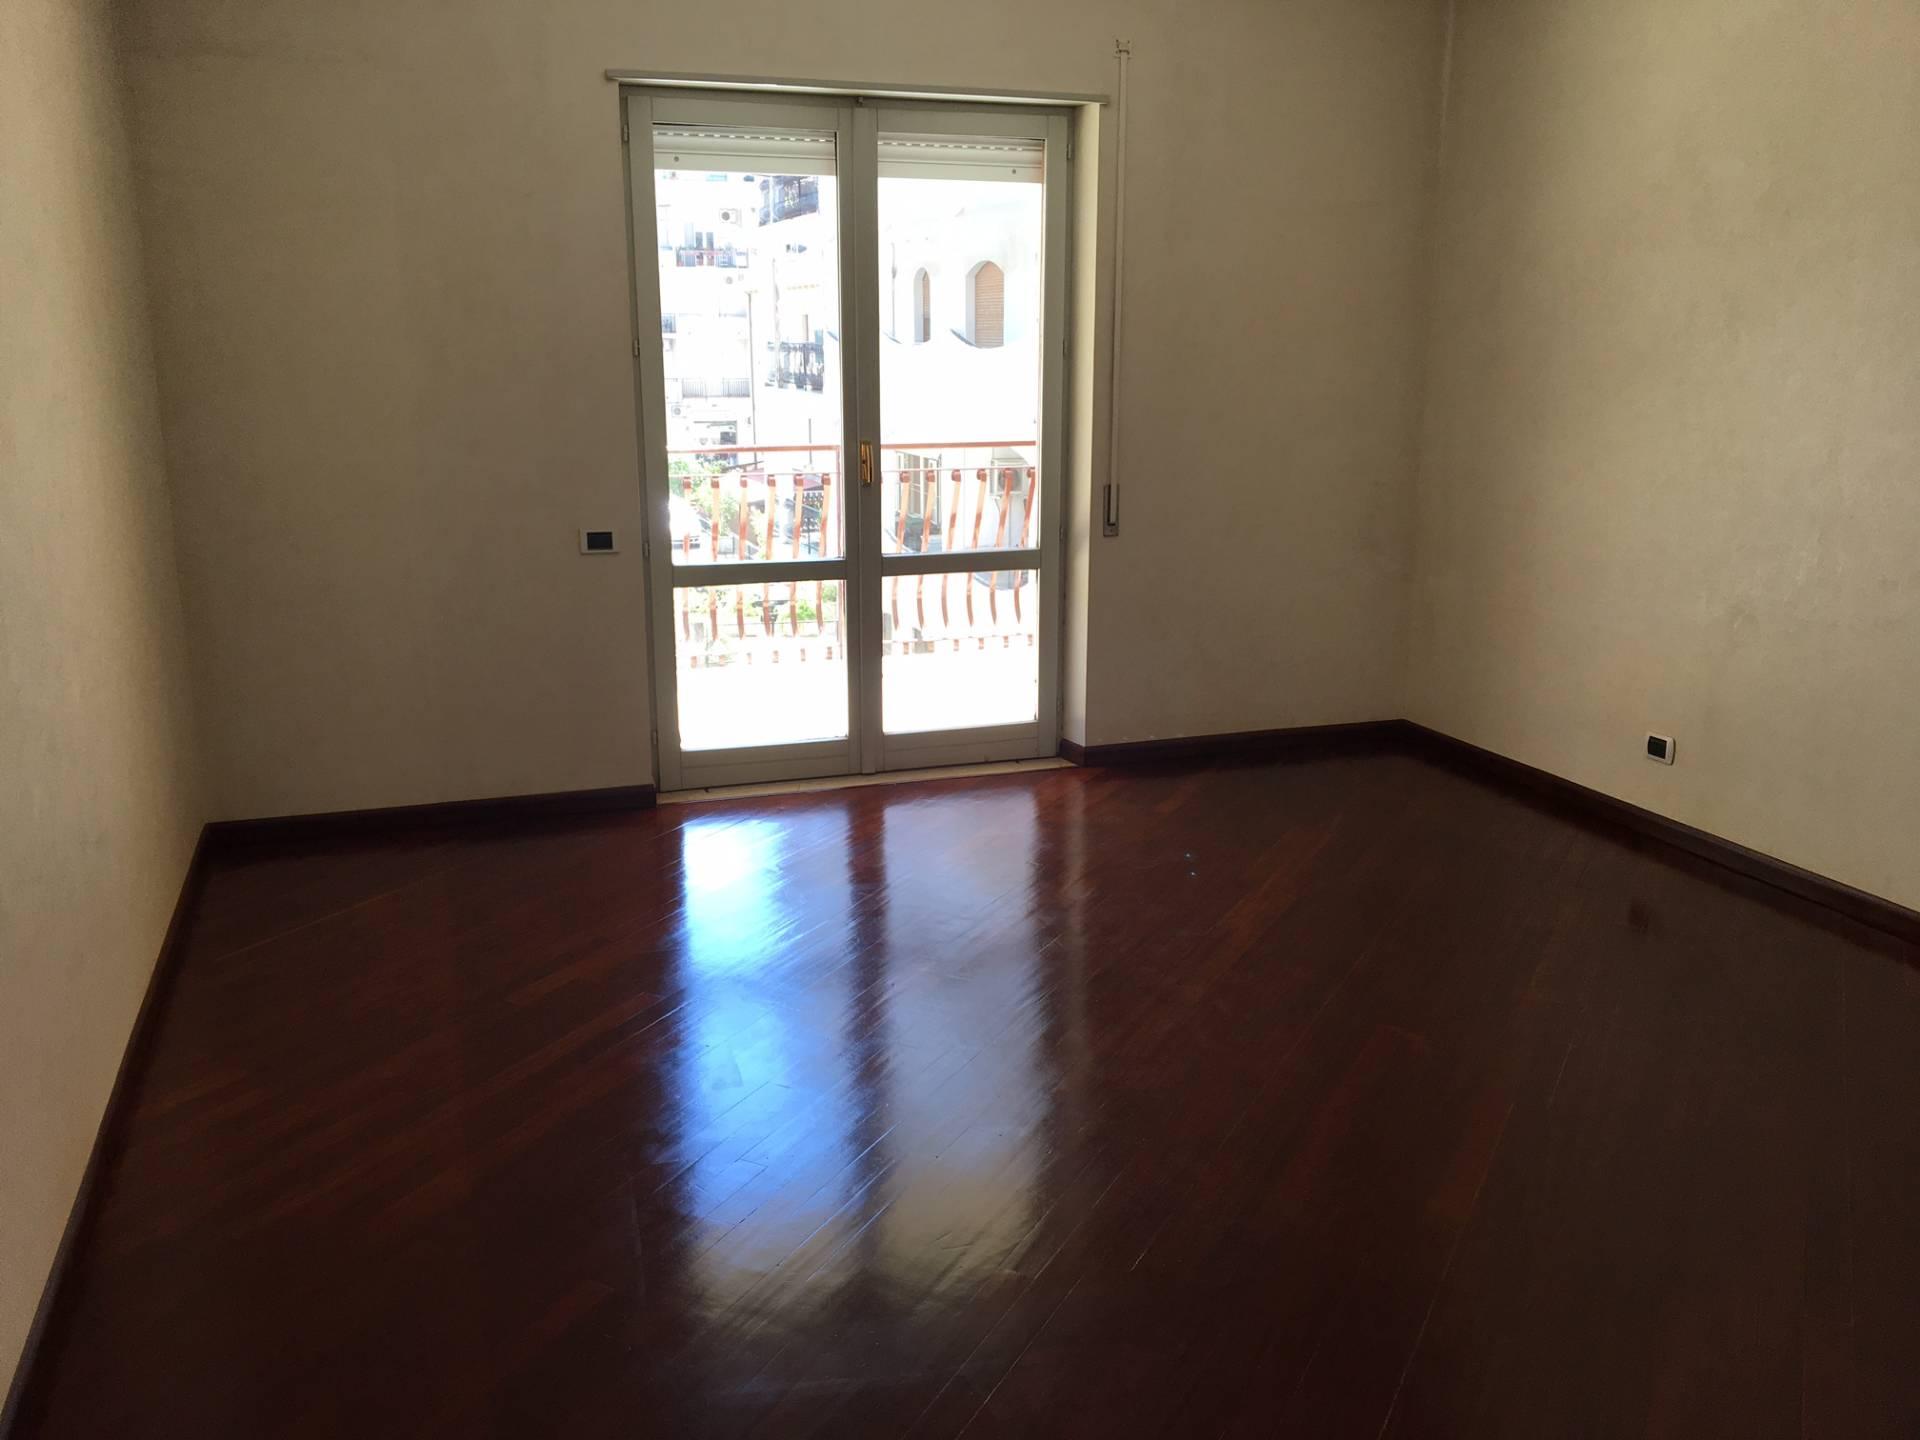 Appartamento in vendita a Soverato, 4 locali, zona Località: Centro, prezzo € 275.000 | Cambio Casa.it